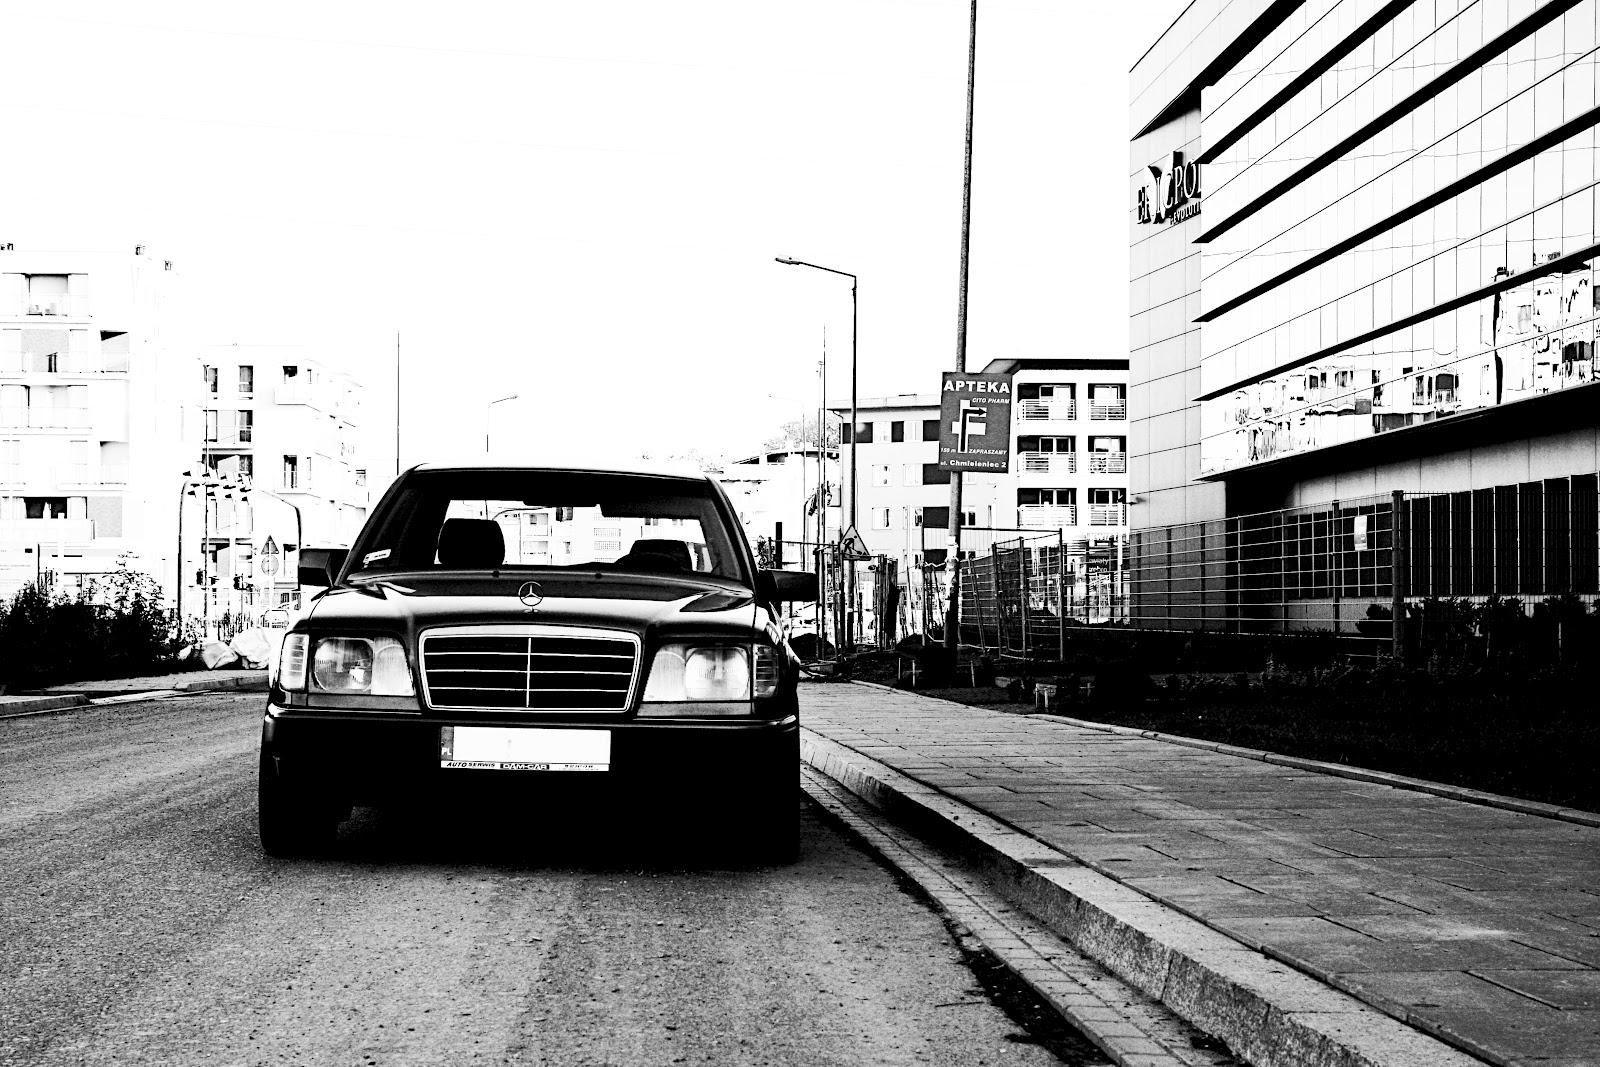 tani najwyższa jakość sprzedawca hurtowy Skup-aut-bielsko.pl: Historia Mercedesa z palca wyssana